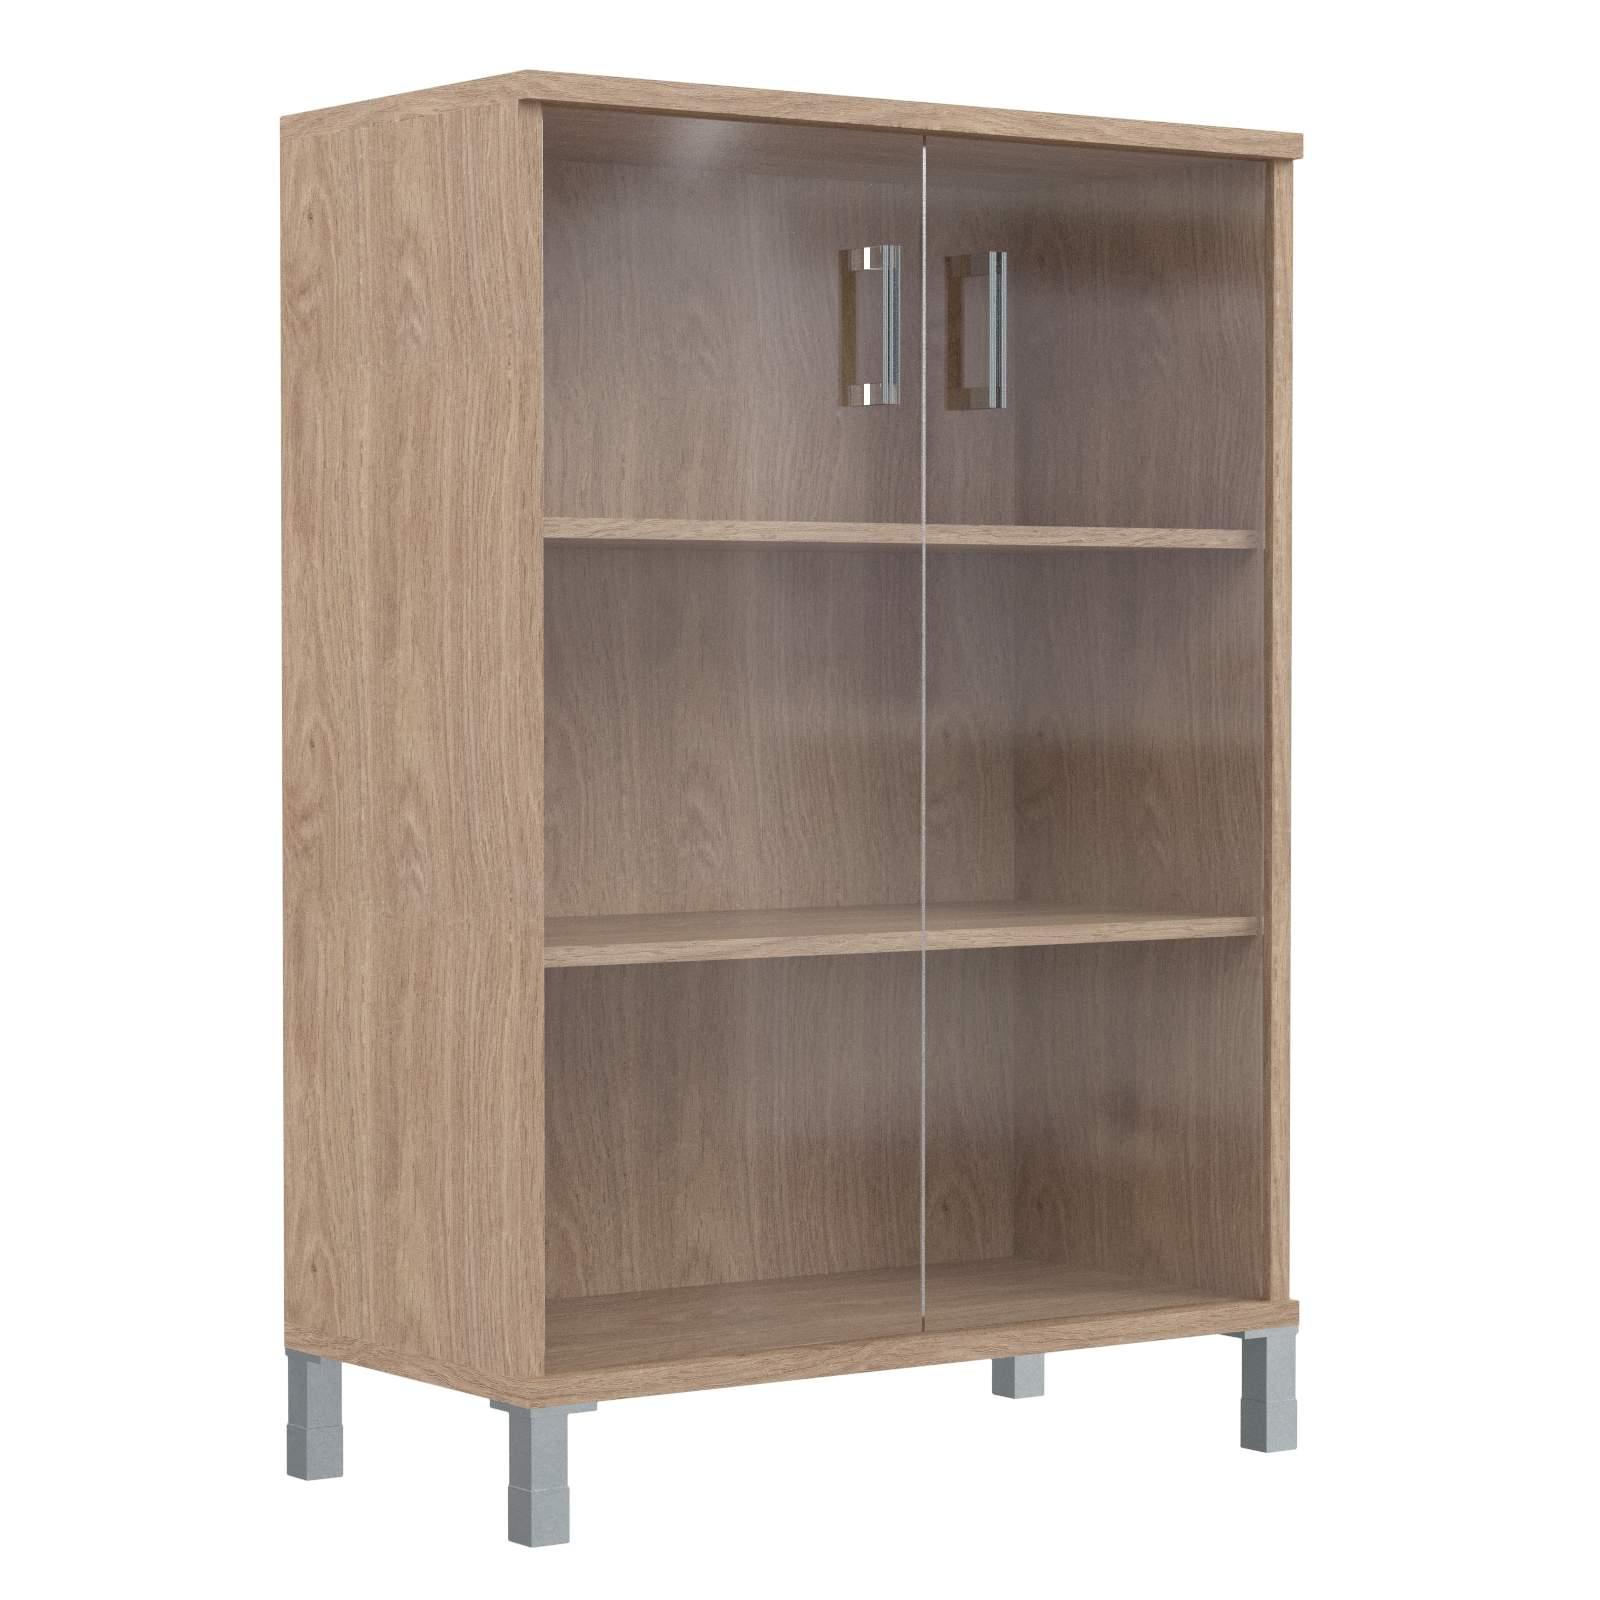 Шкаф средний со стеклянными дверьми 900х435х1236